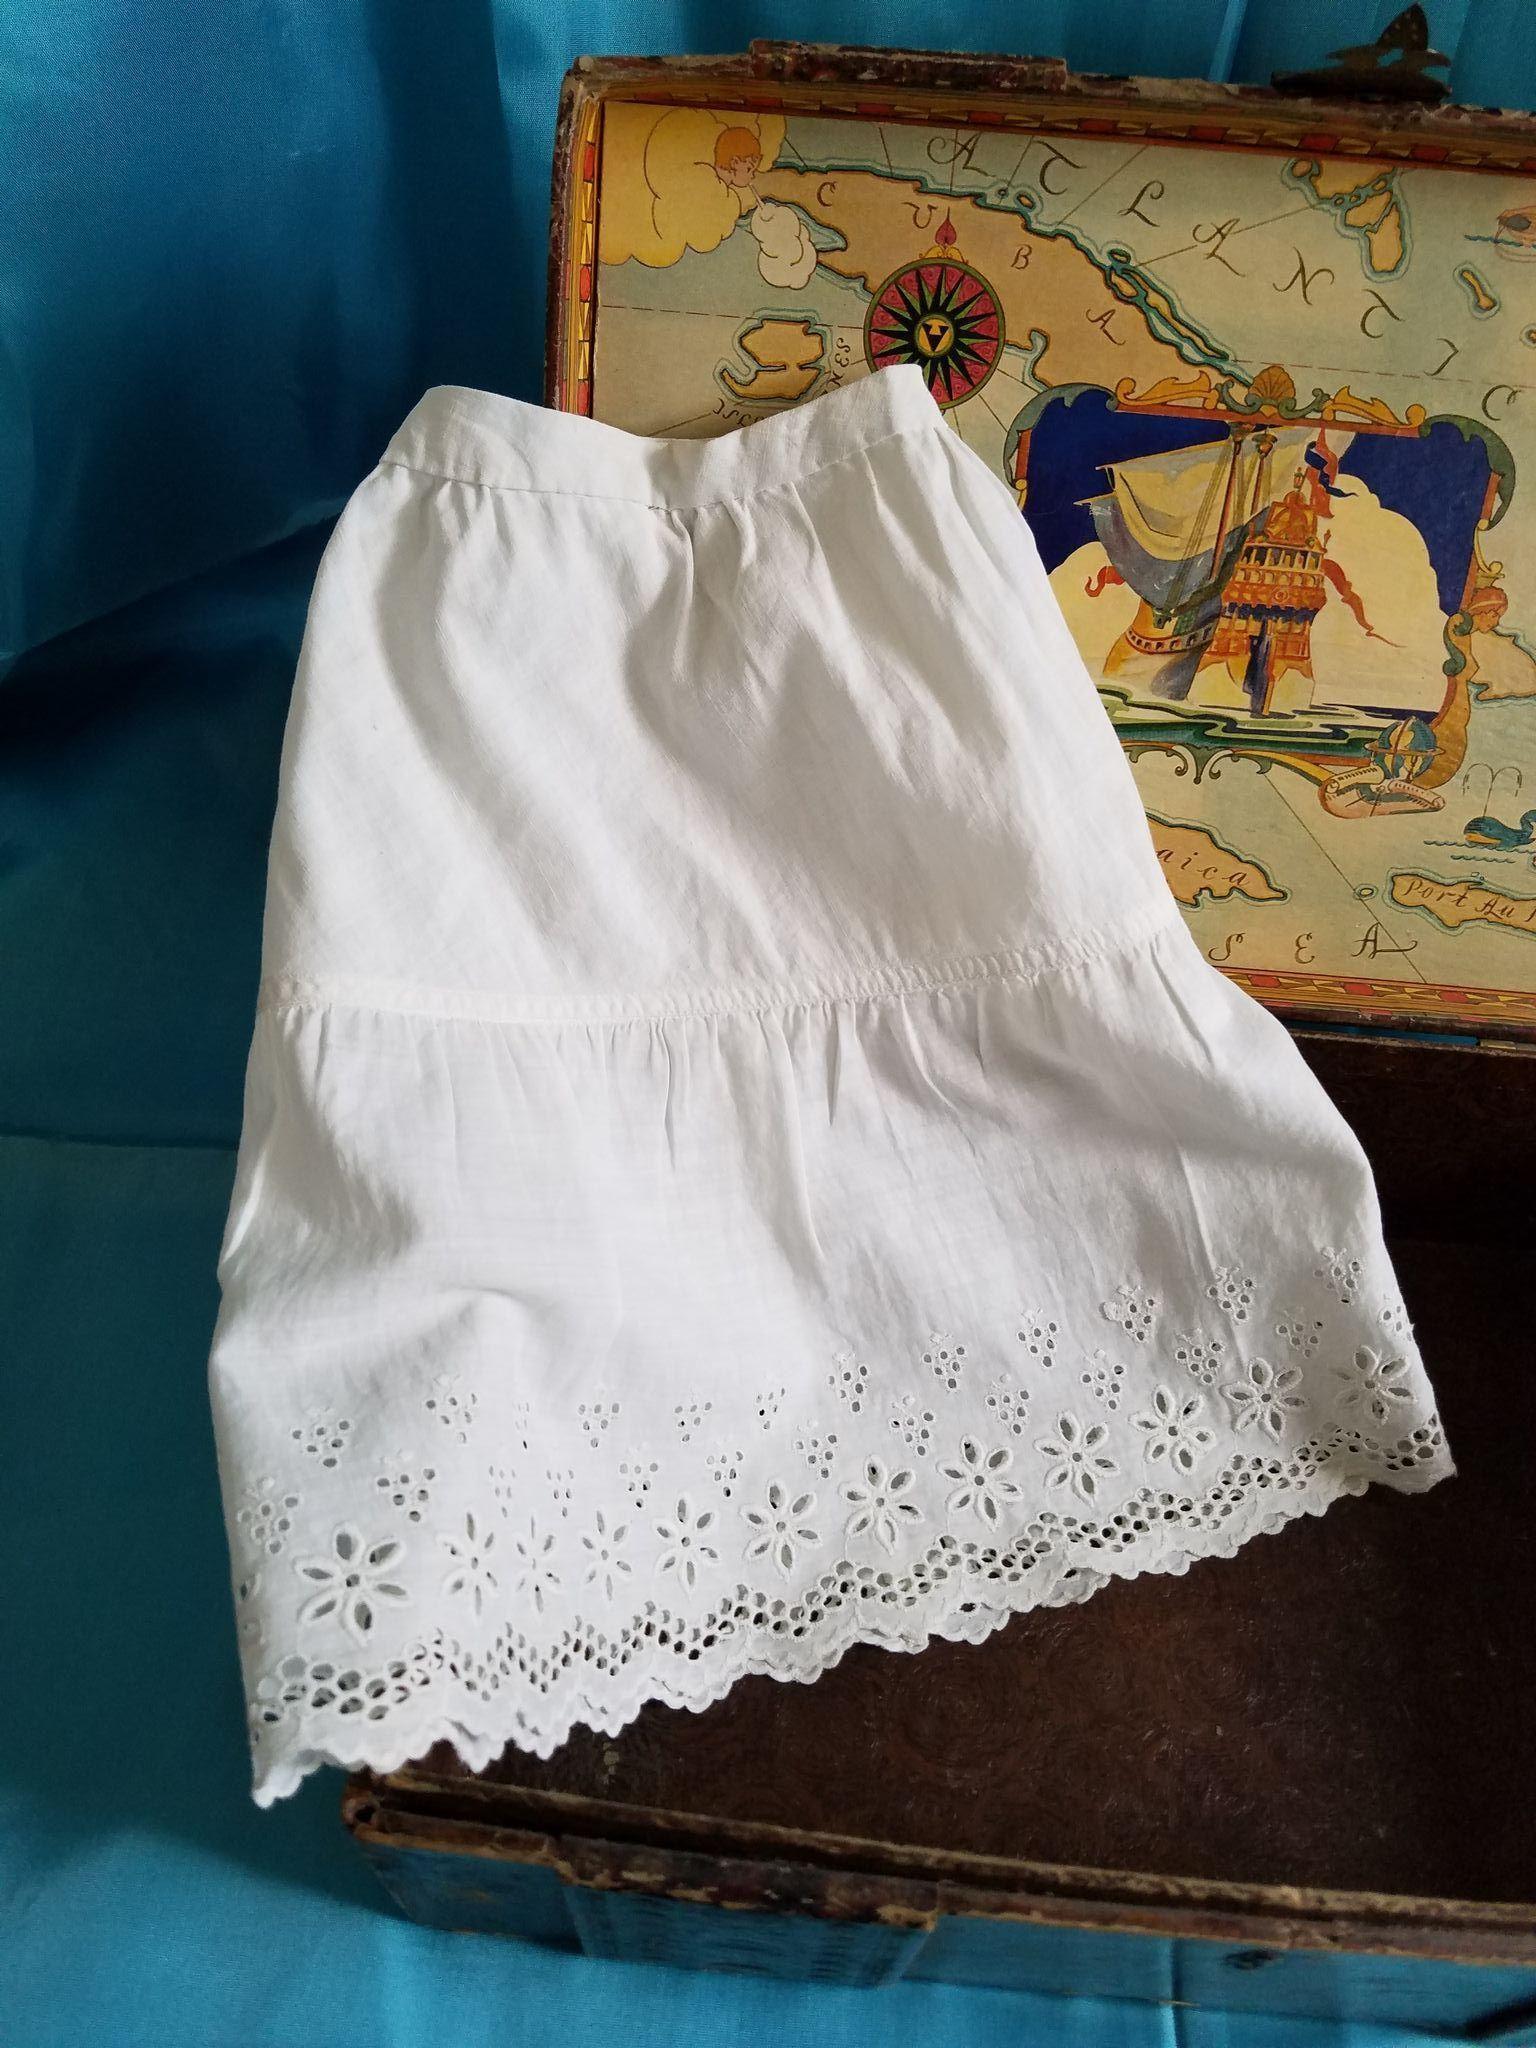 Antique White Cotton Doll Slip with Eyelet Edge